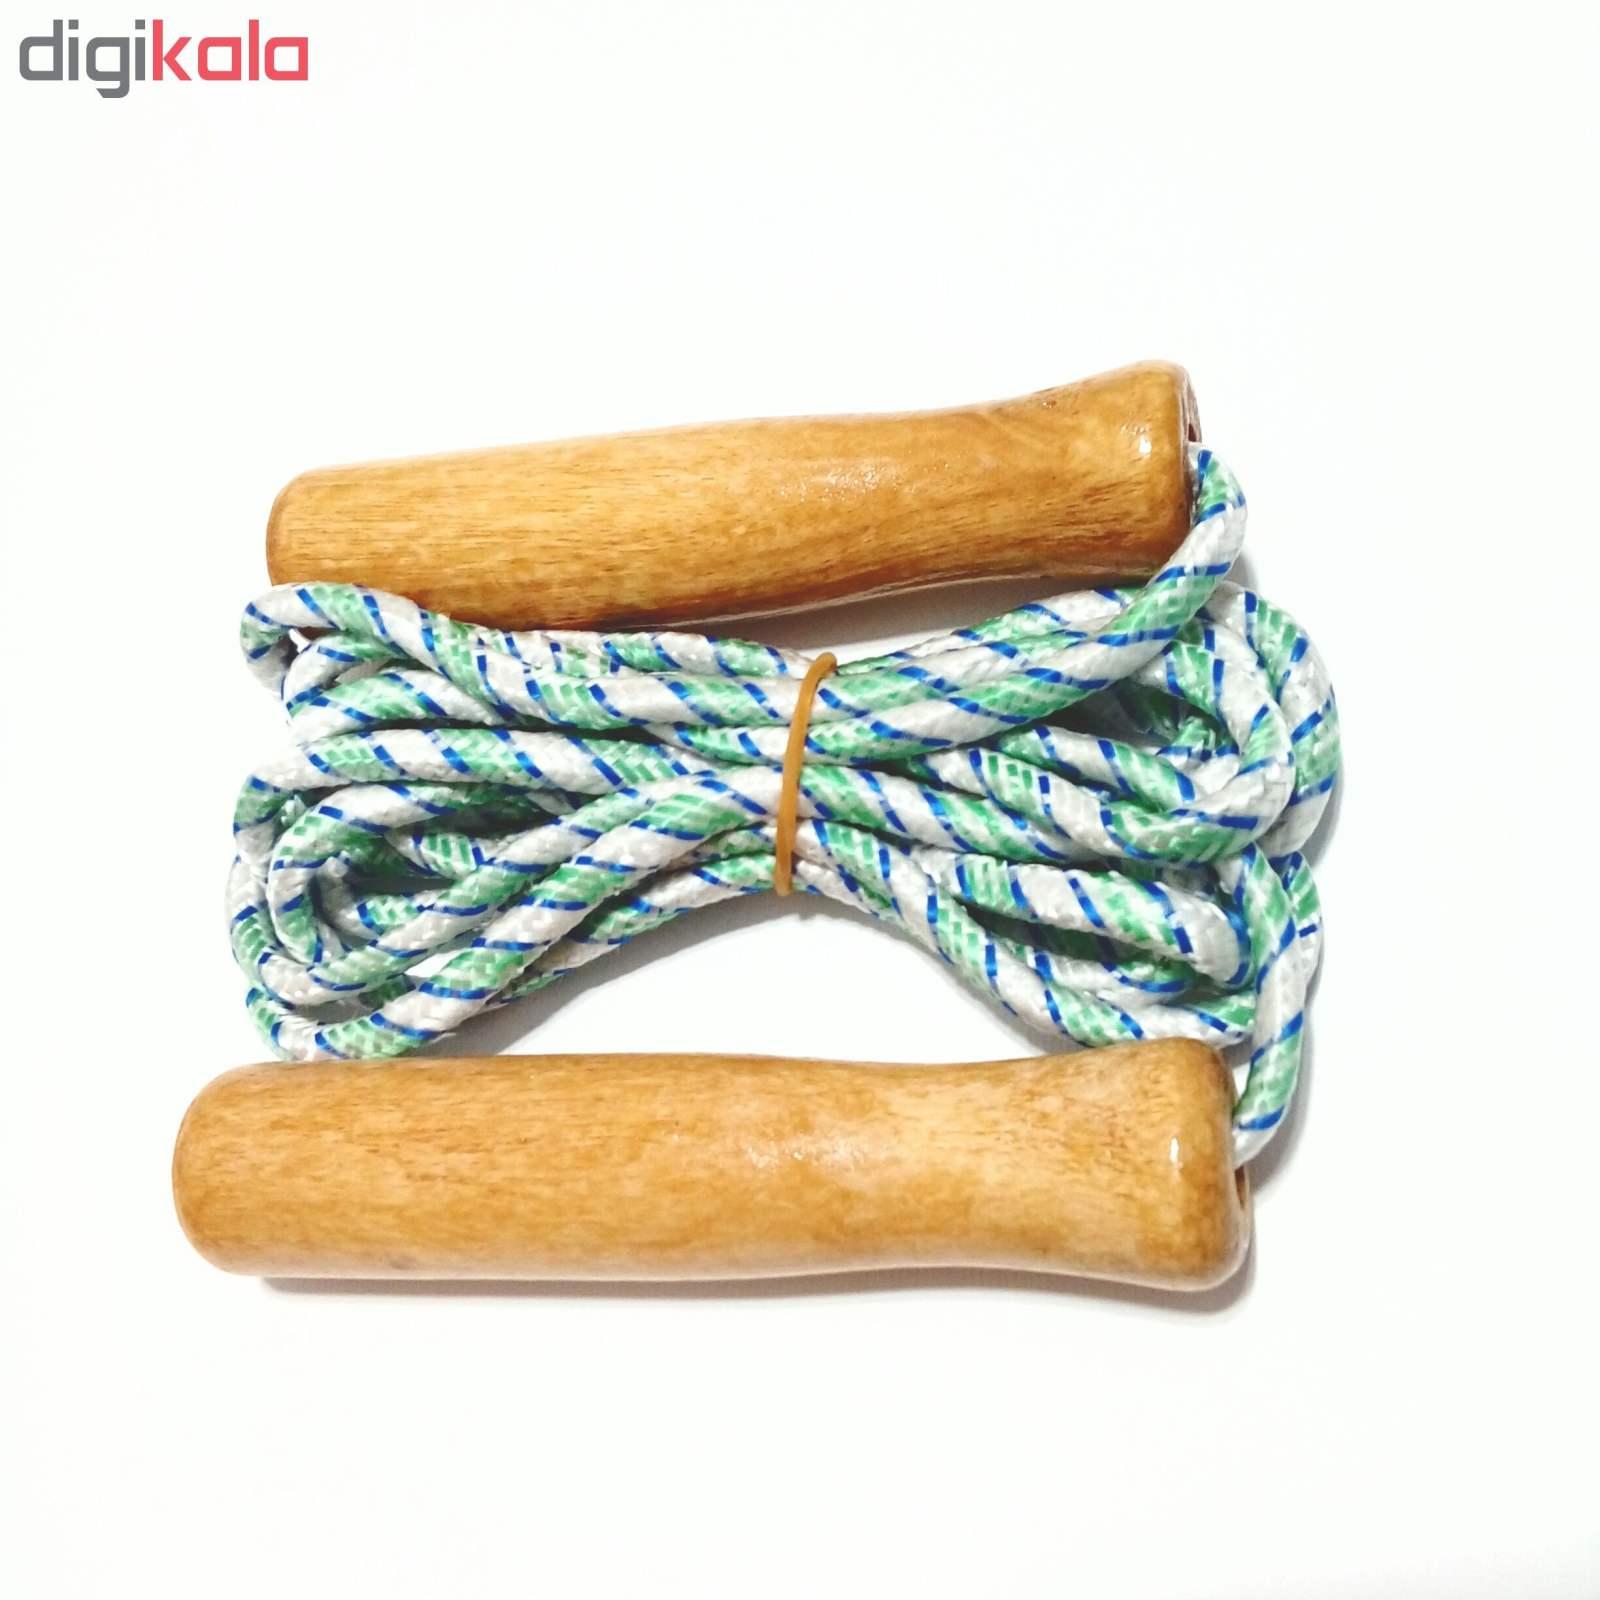 طناب ورزشی دسته چوبی جامپ روپ کد 224 main 1 2